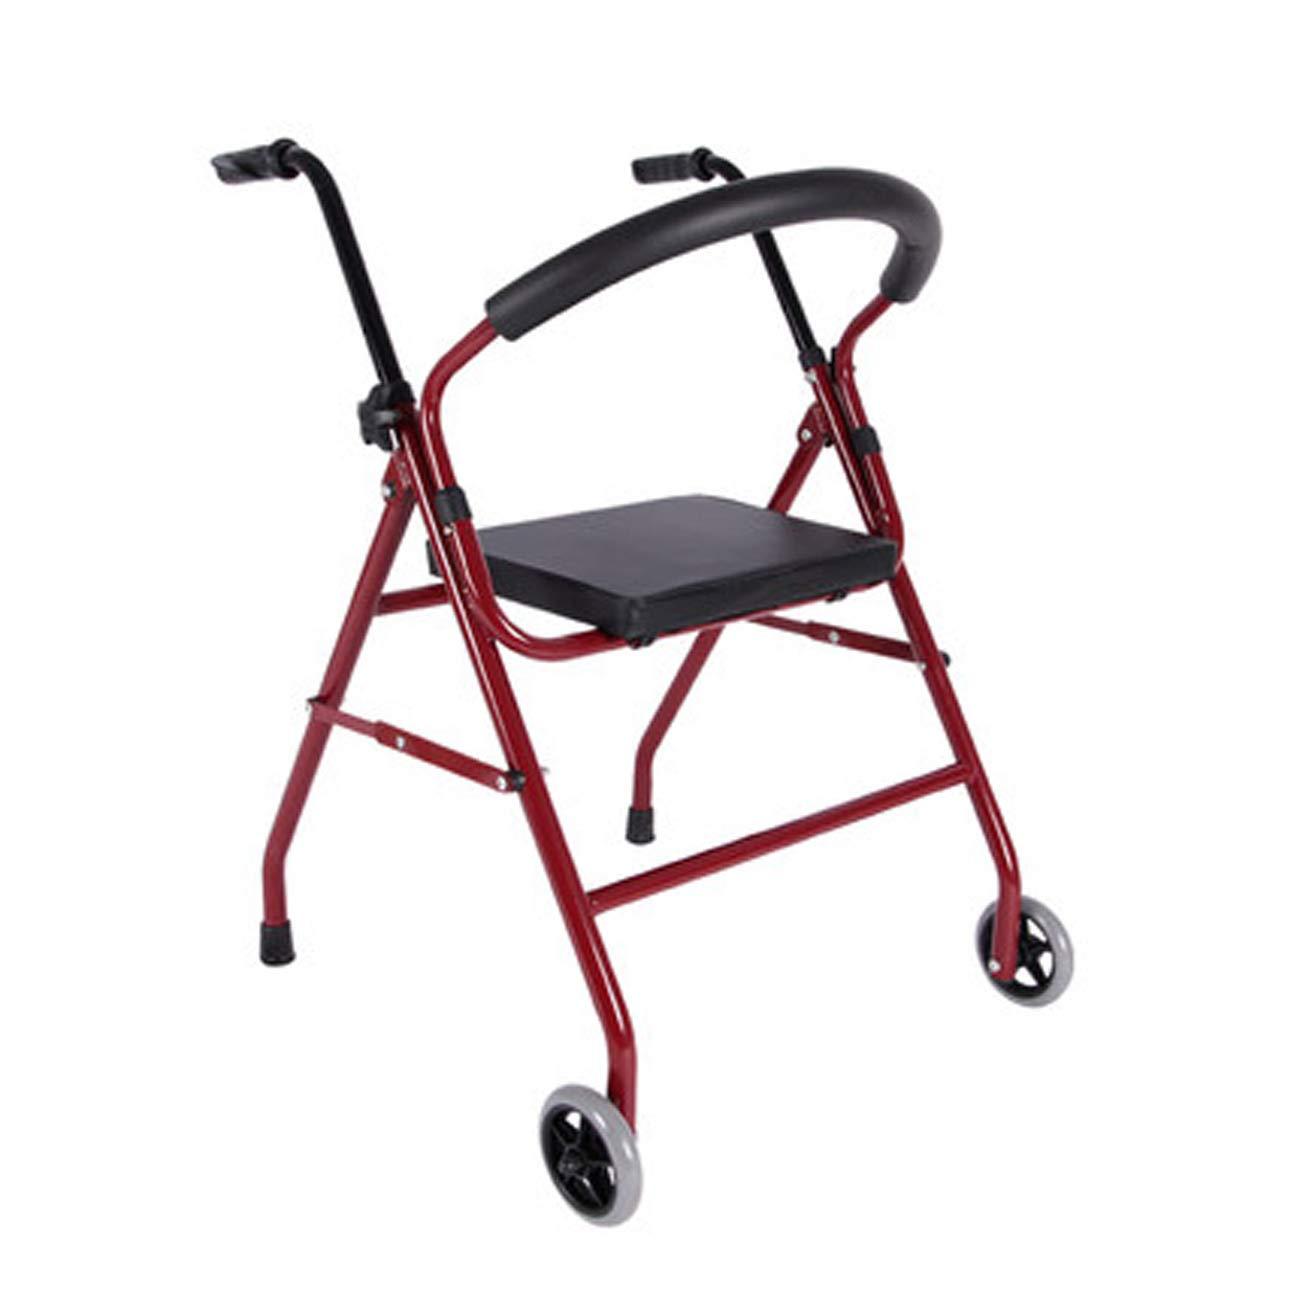 激安 高齢者用歩行器、2キャスターアルミ合金構造歩行用歩行器、PUシート補助歩行器 B07L5LRXJ8、赤 B07L5LRXJ8, 札所0番:d4bcce36 --- a0267596.xsph.ru